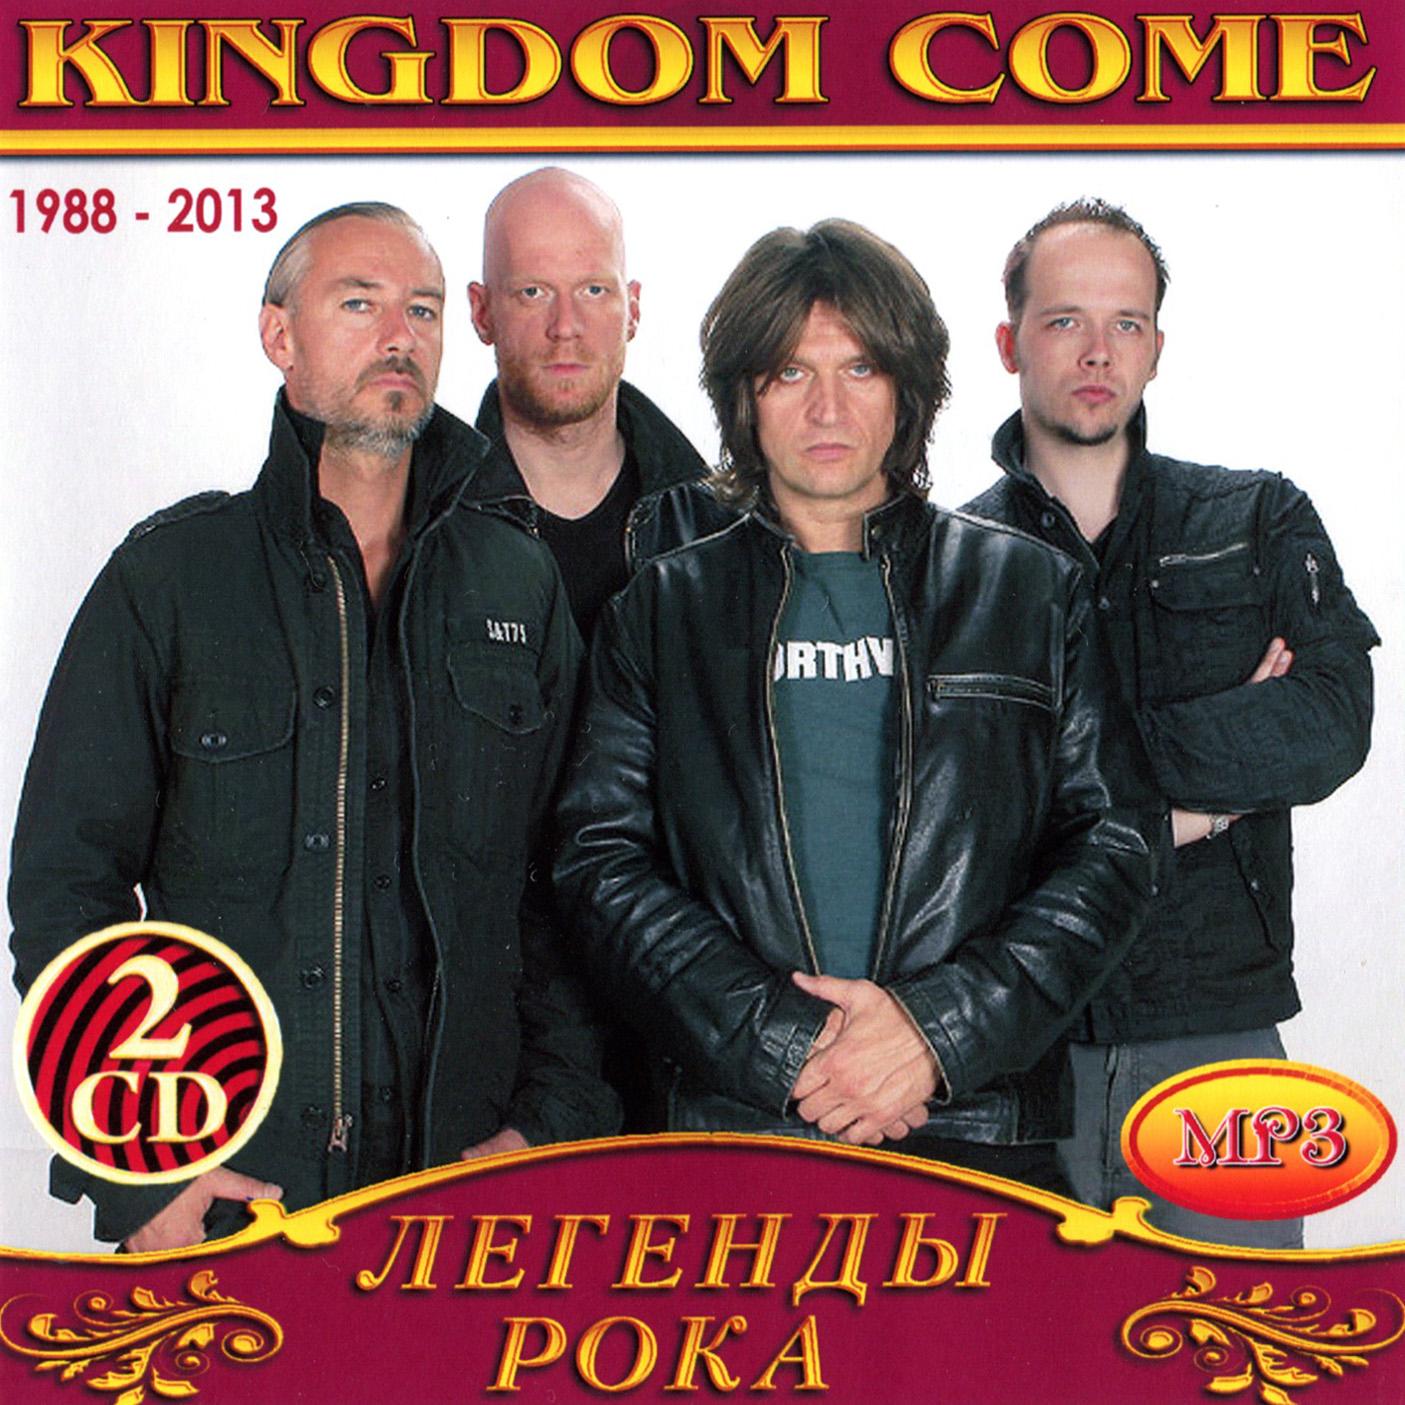 Kingdom Come 2cd [mp3]